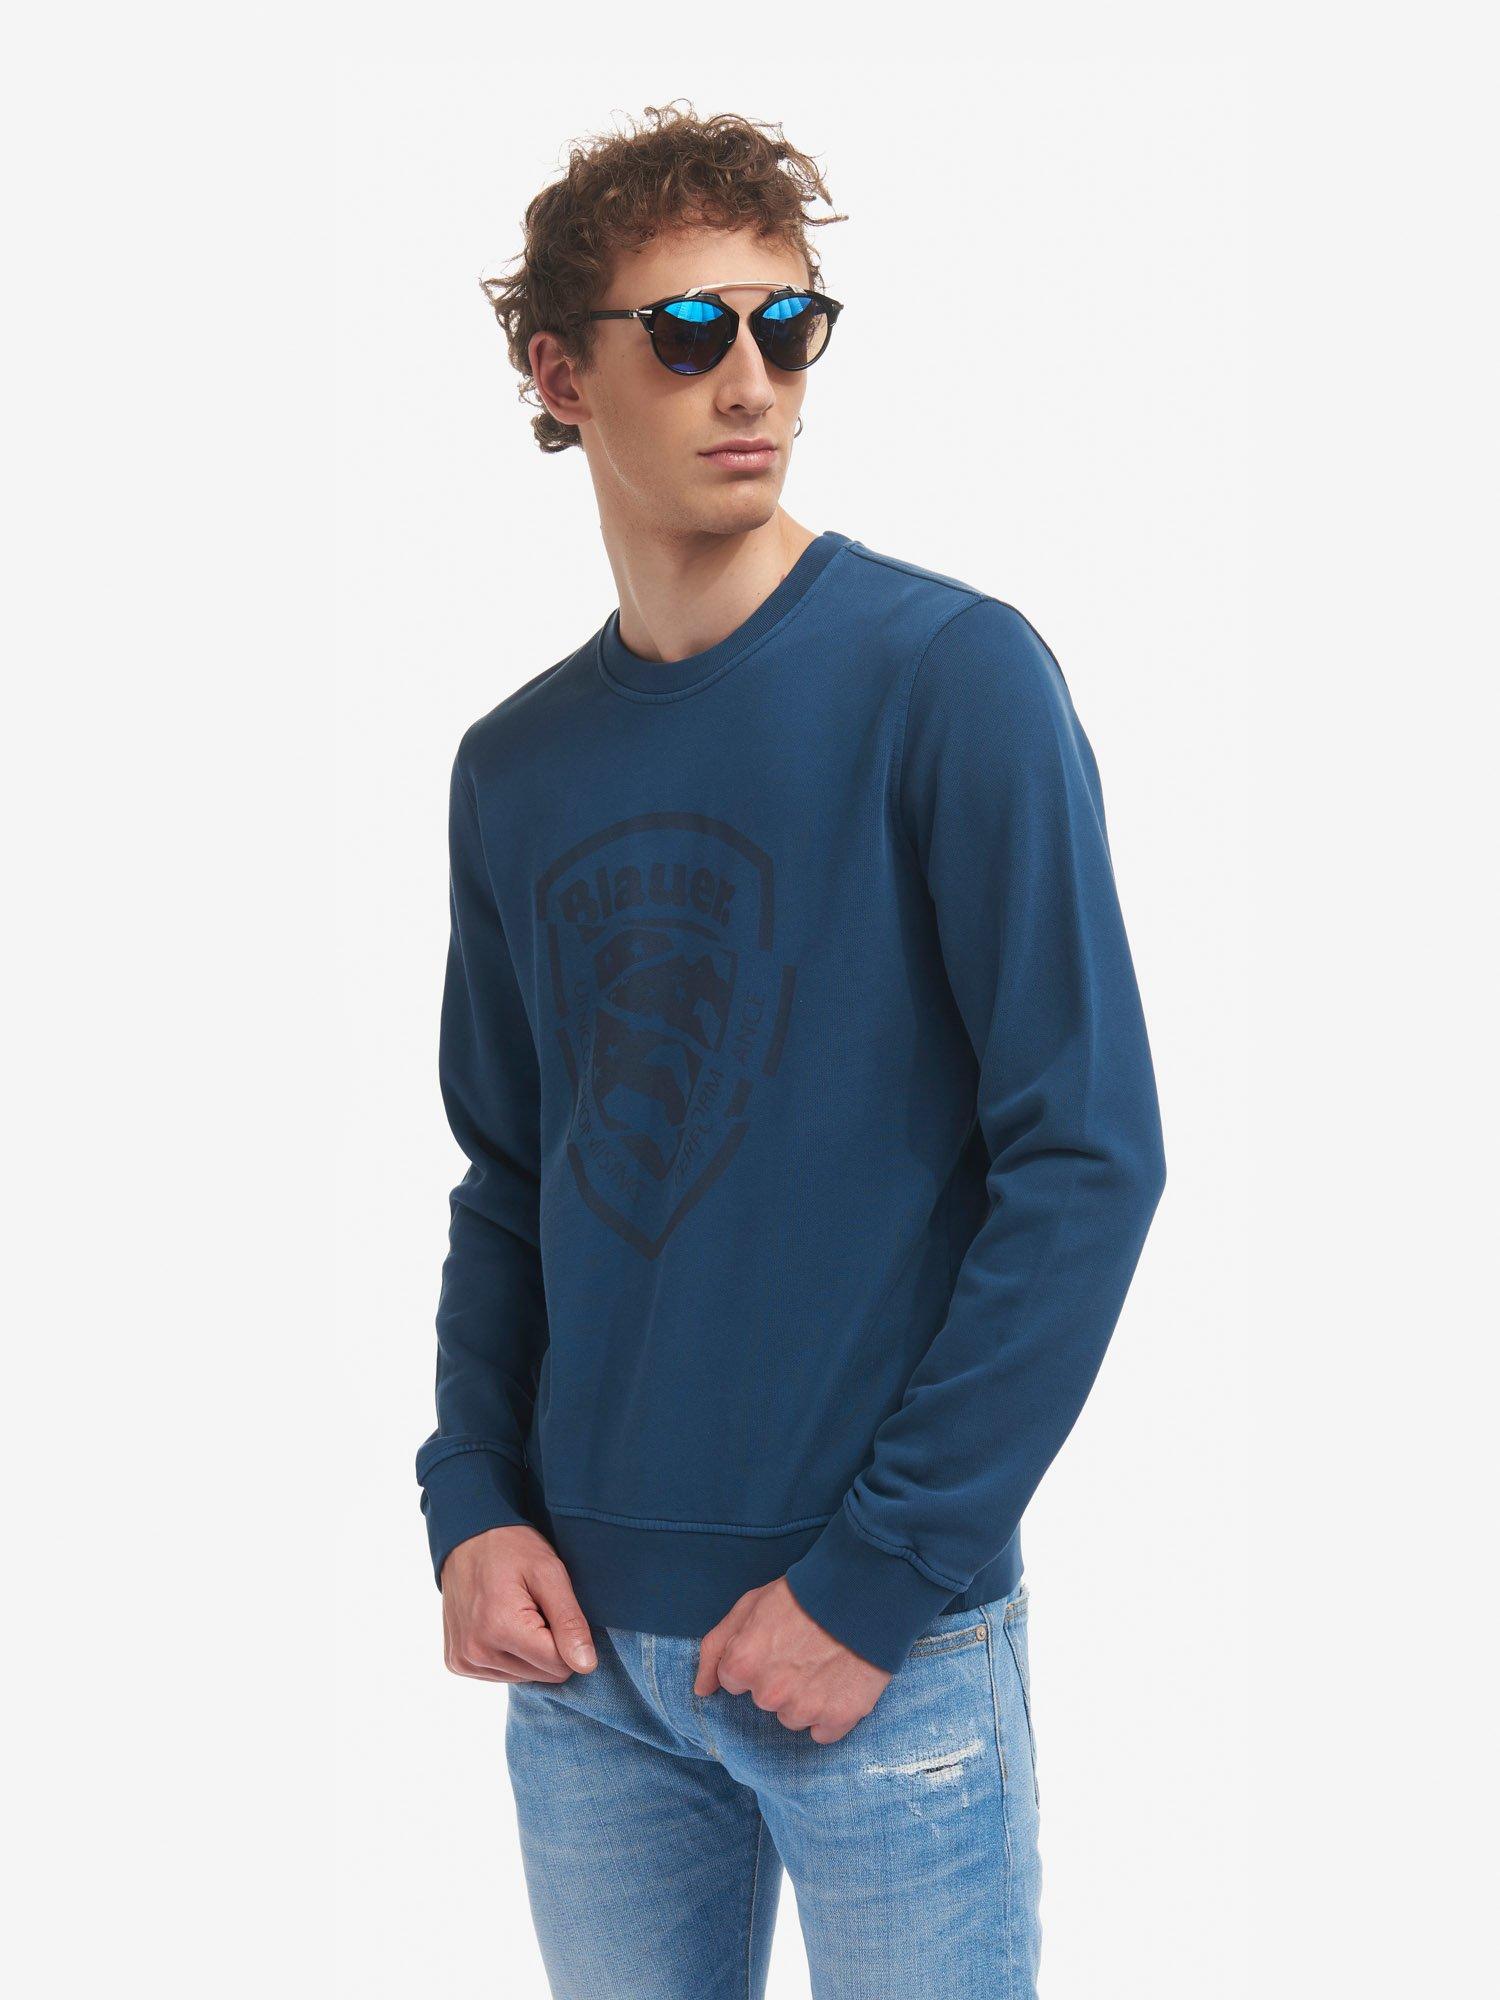 Blauer - BLAUER COTTON CREW NECK SWEATSHIRT - Dark Sapphire - Blauer